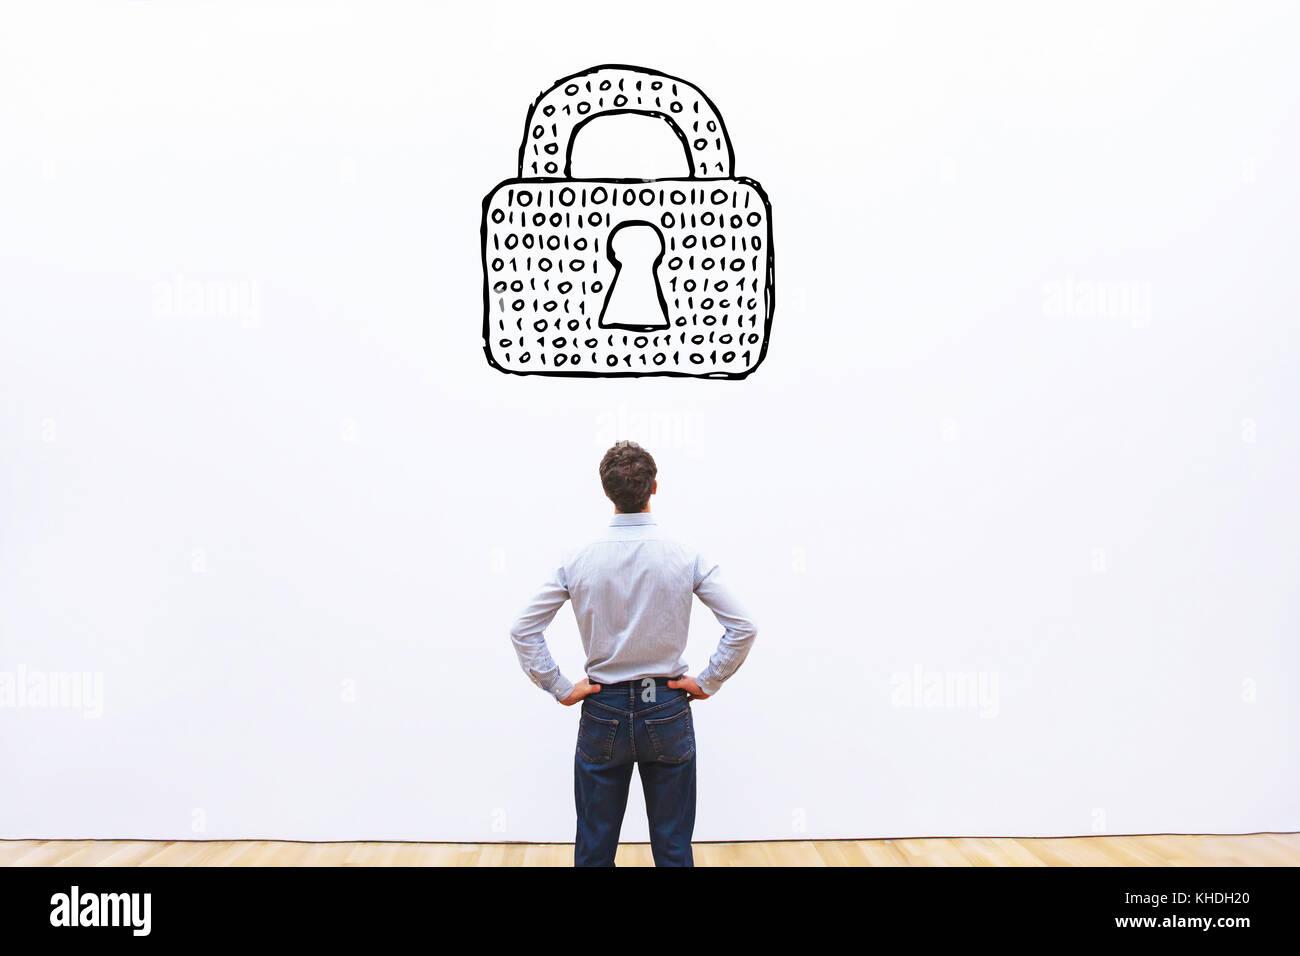 Concepto de protección de datos personales, la seguridad cibernética de datos, bloqueo digital con código Imagen De Stock